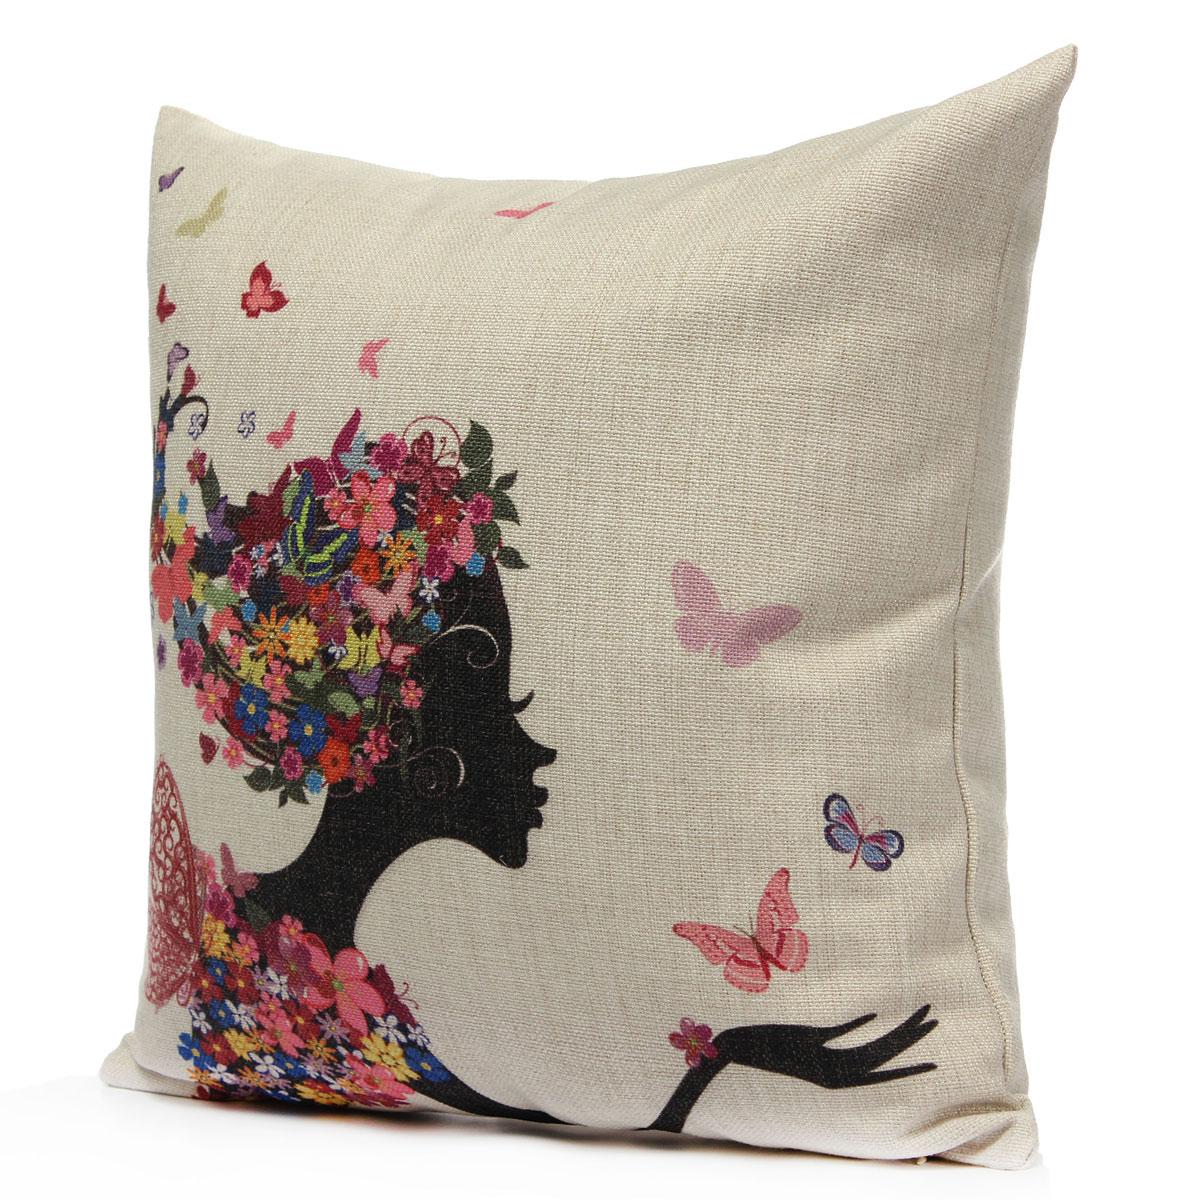 Vintage Linen Cotton Cushion Cover Throw Pillow Case Home Sofa Car Office Decor